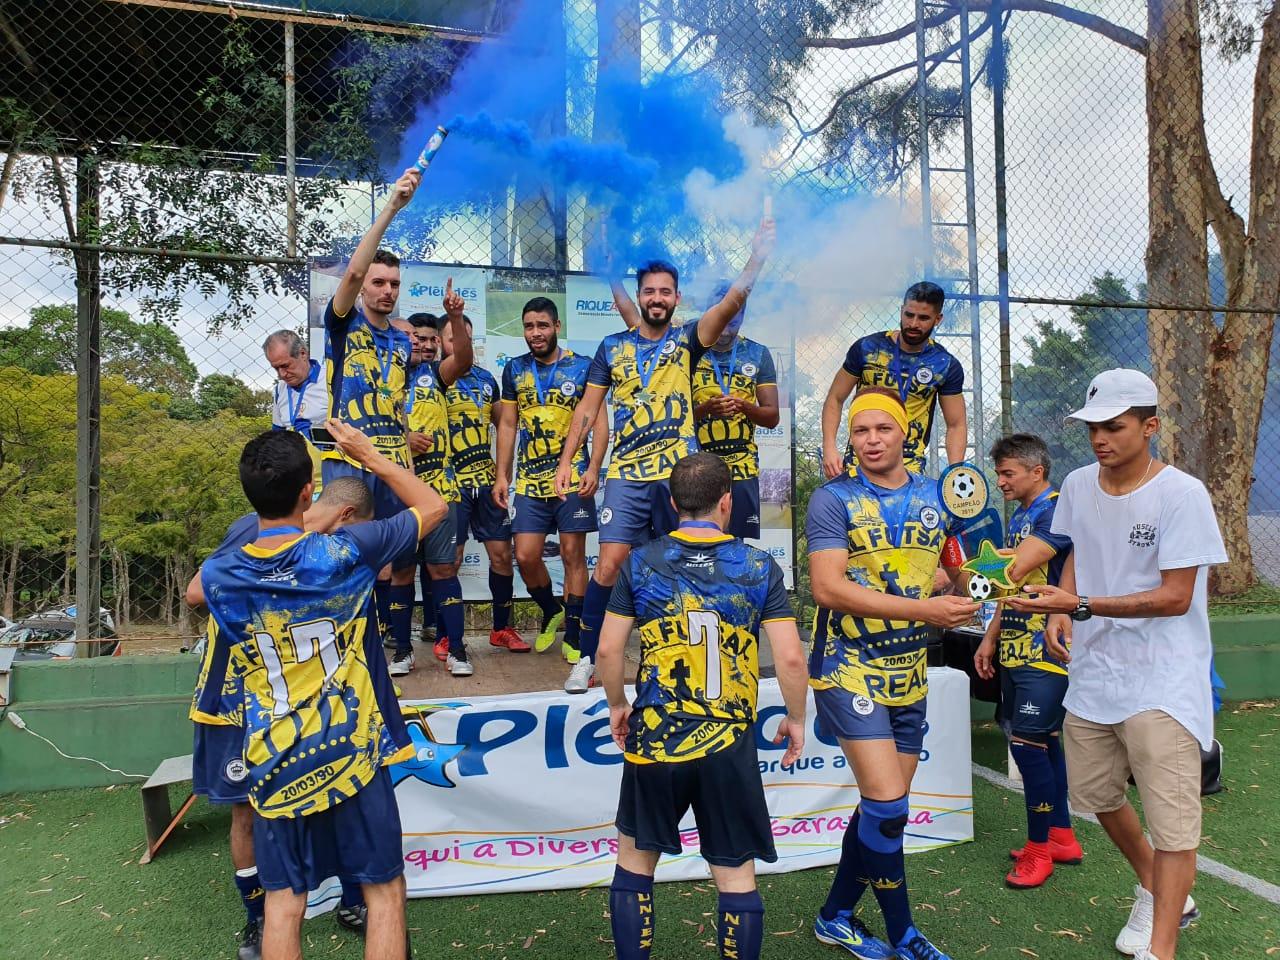 Um grupo de rapazes com uniforme azul e amarelo comemora um título em um pódio. Eles estão alegres e alguns têm nas mãos sinalizadores que soltam fumaça azul.